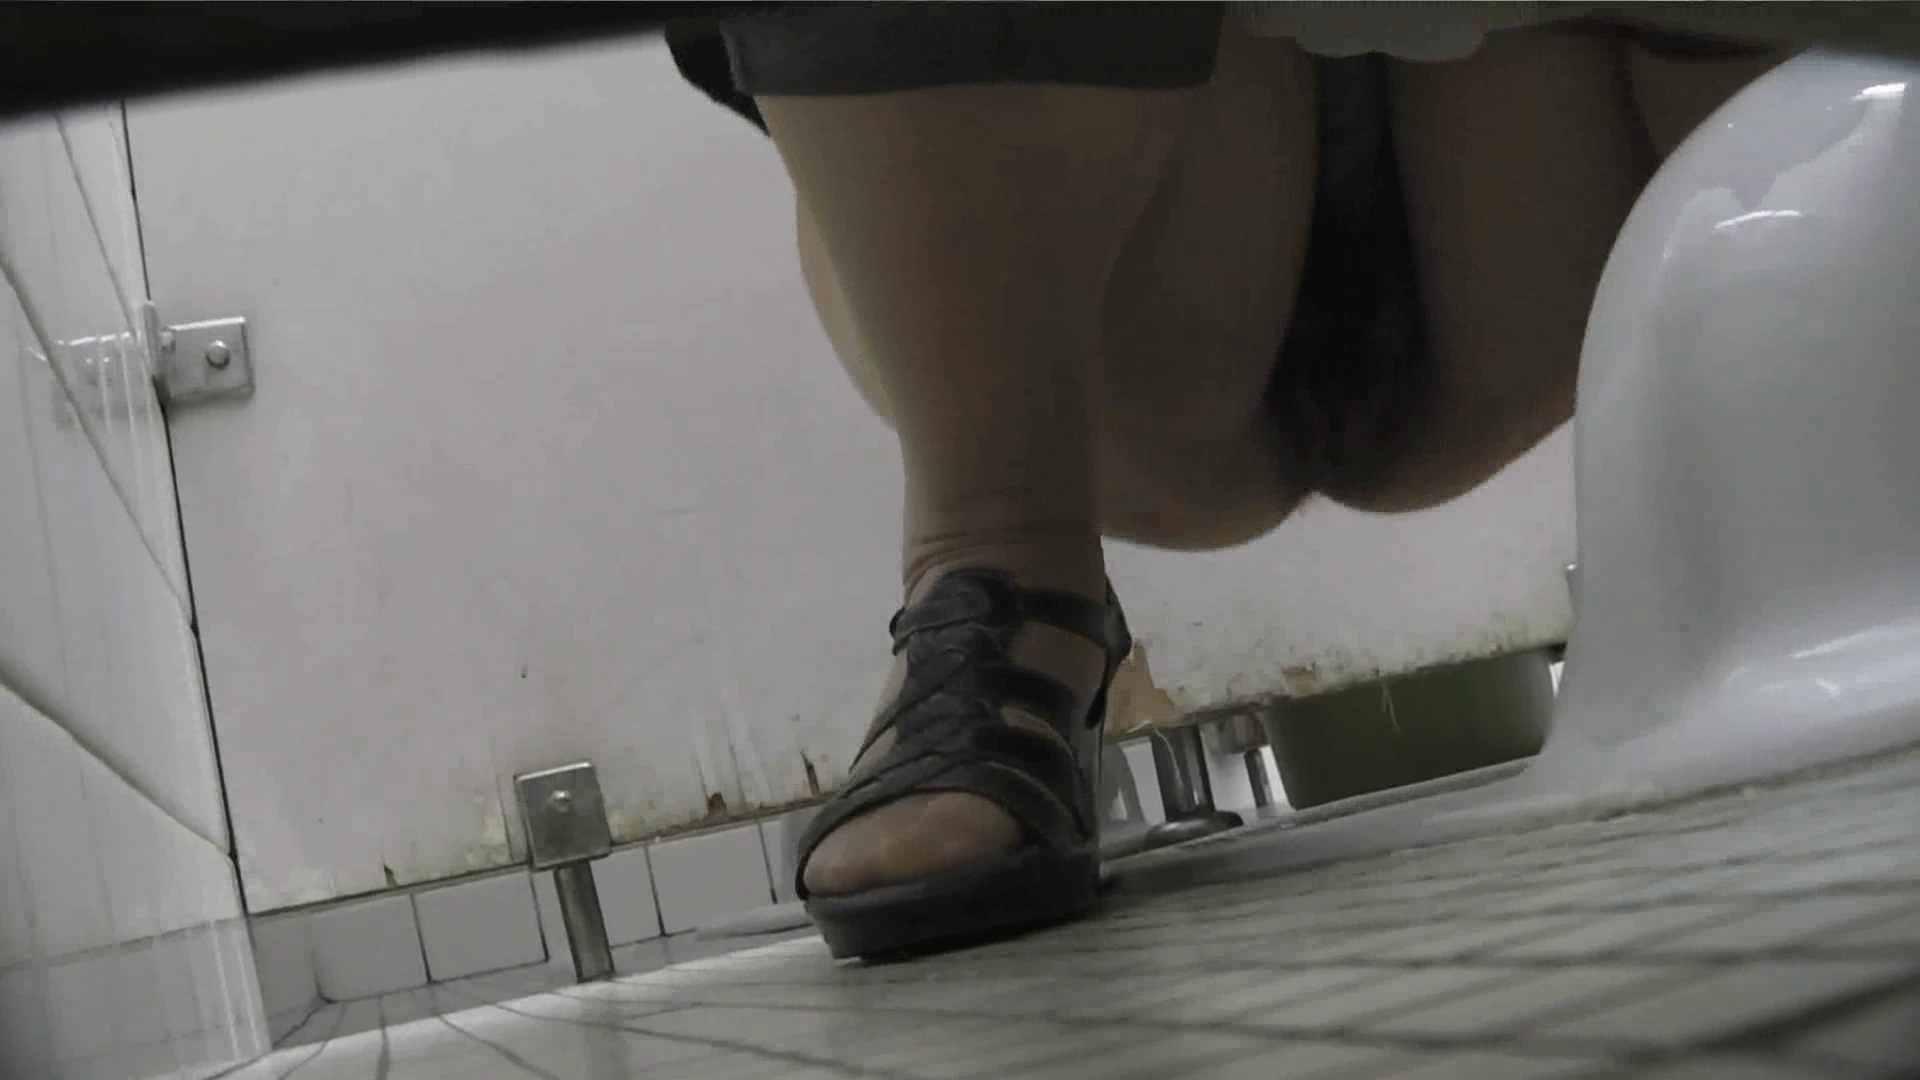 【美しき個室な世界】 vol.022 ヒクヒクさんたち 洗面所  68pic 17